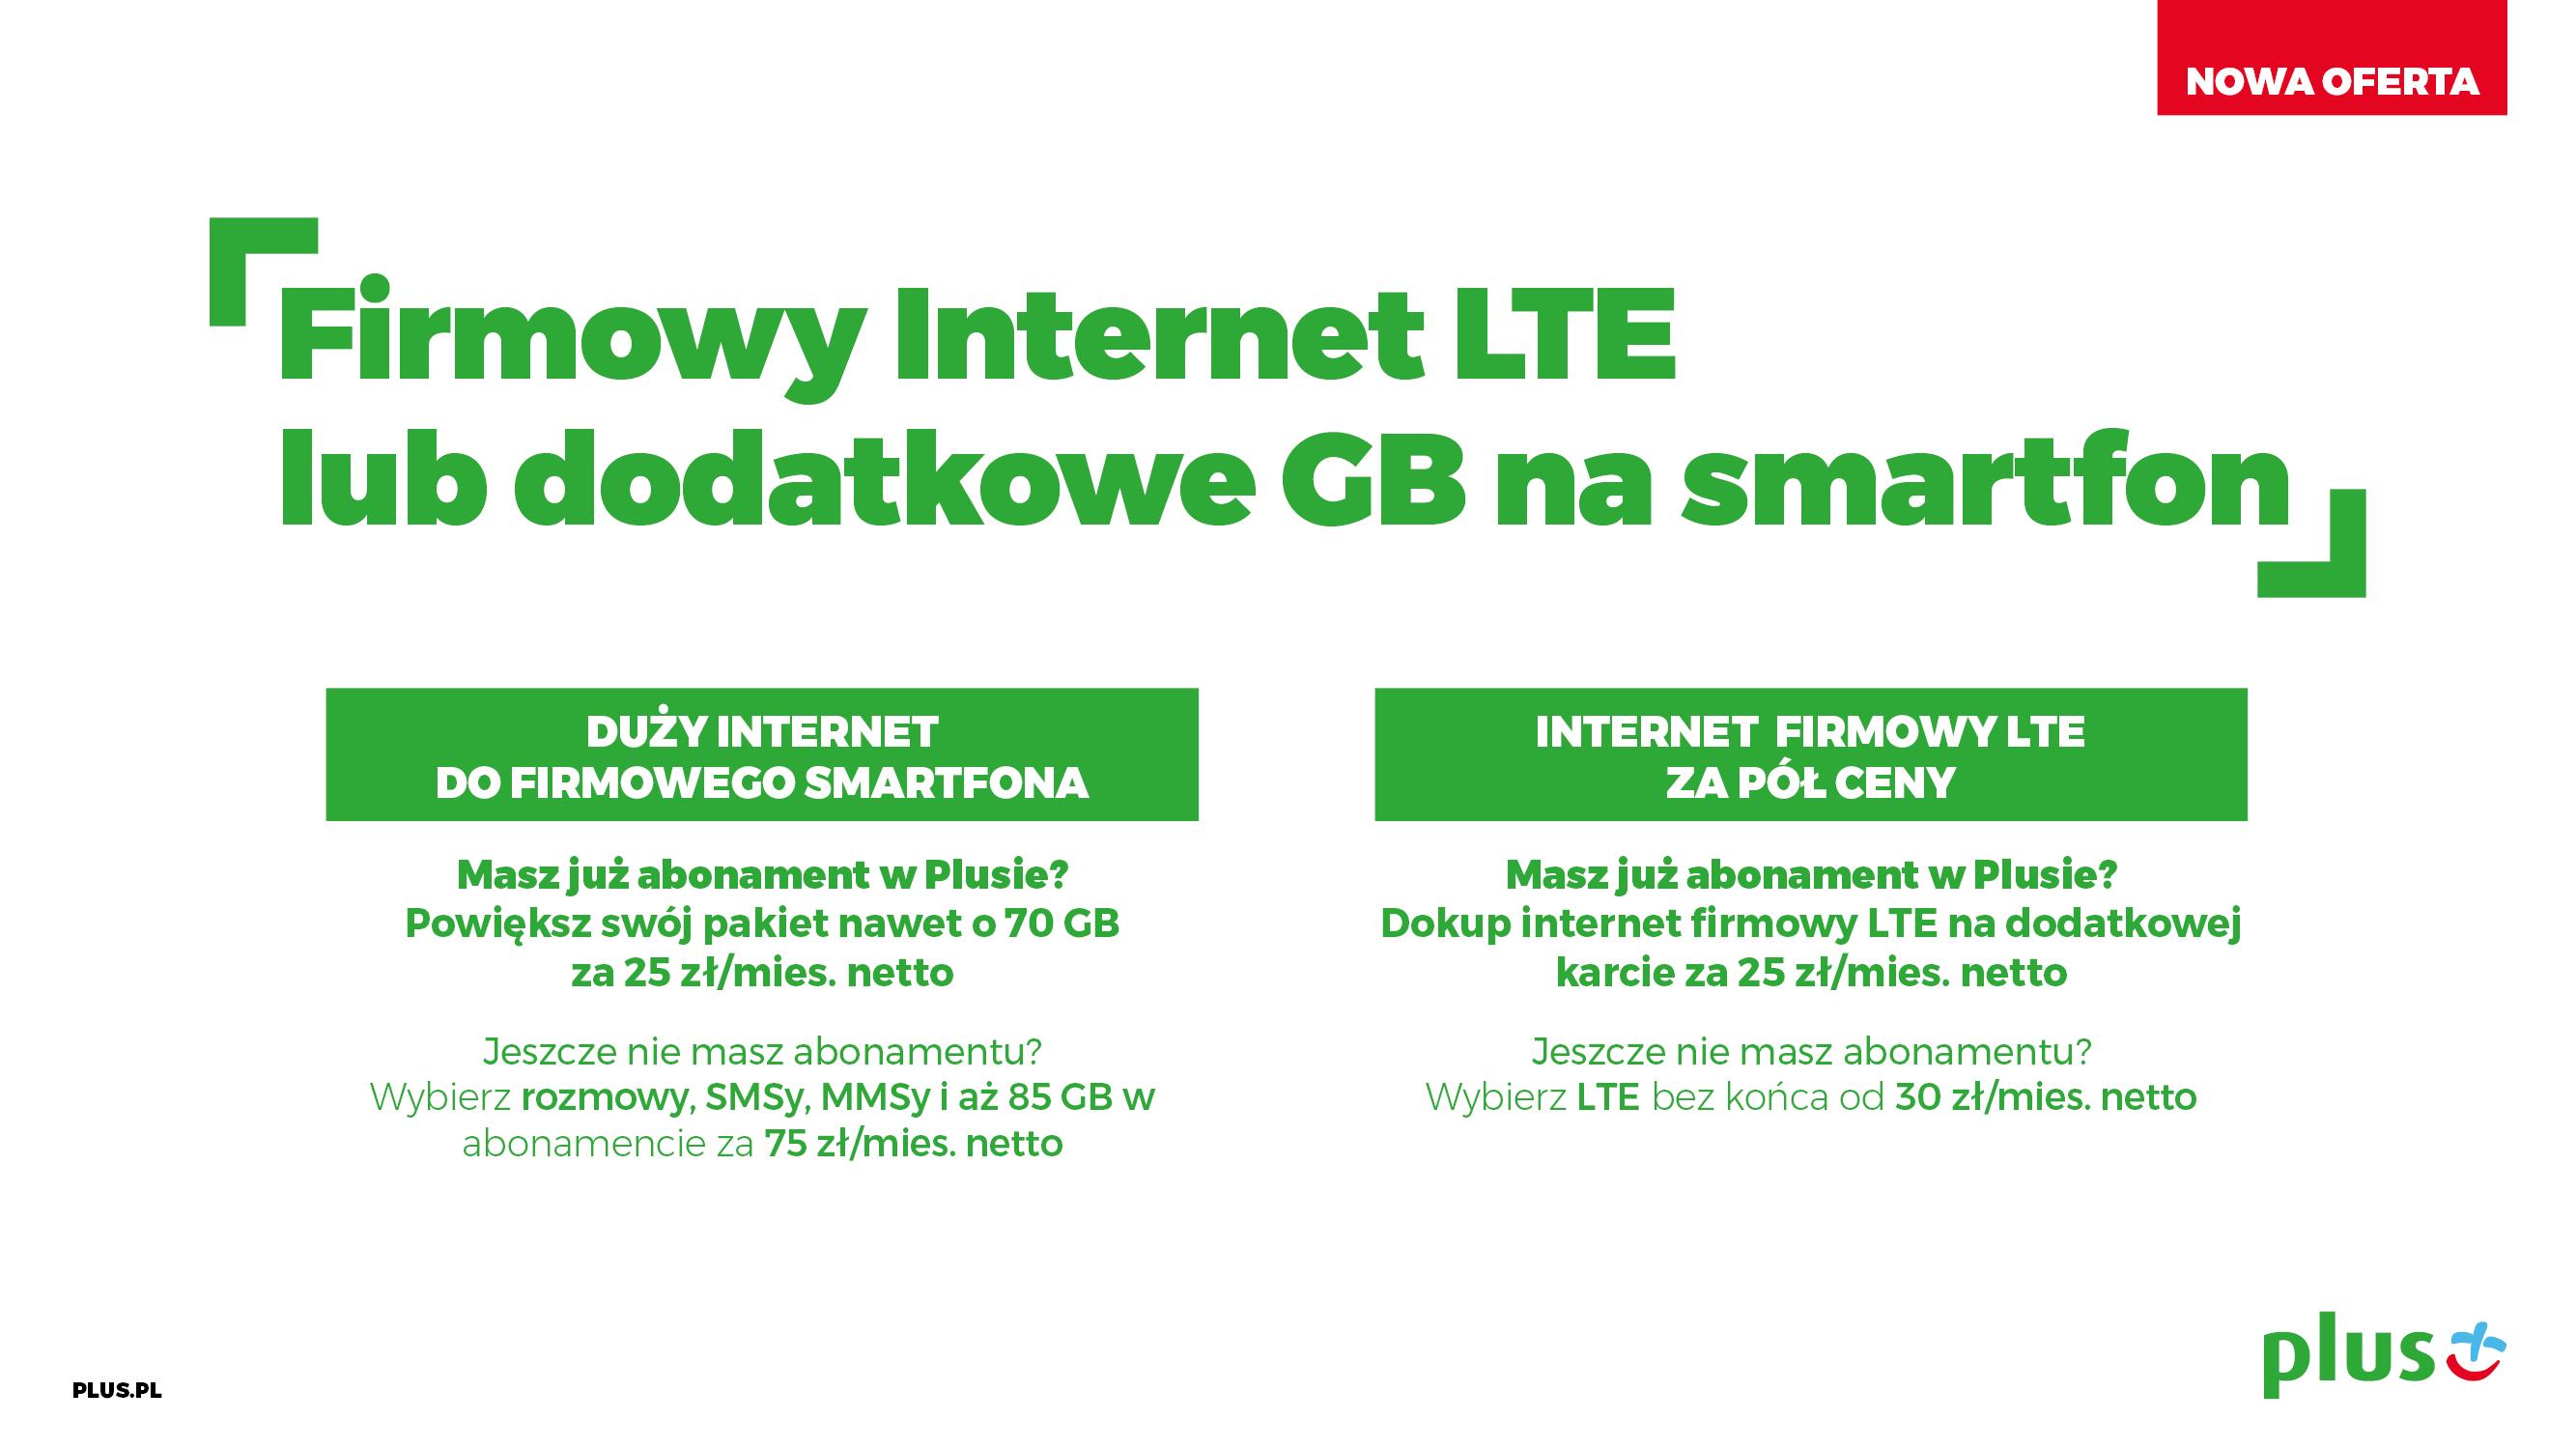 plus firmowy internet lte lub dodatkowe gb na smartfon